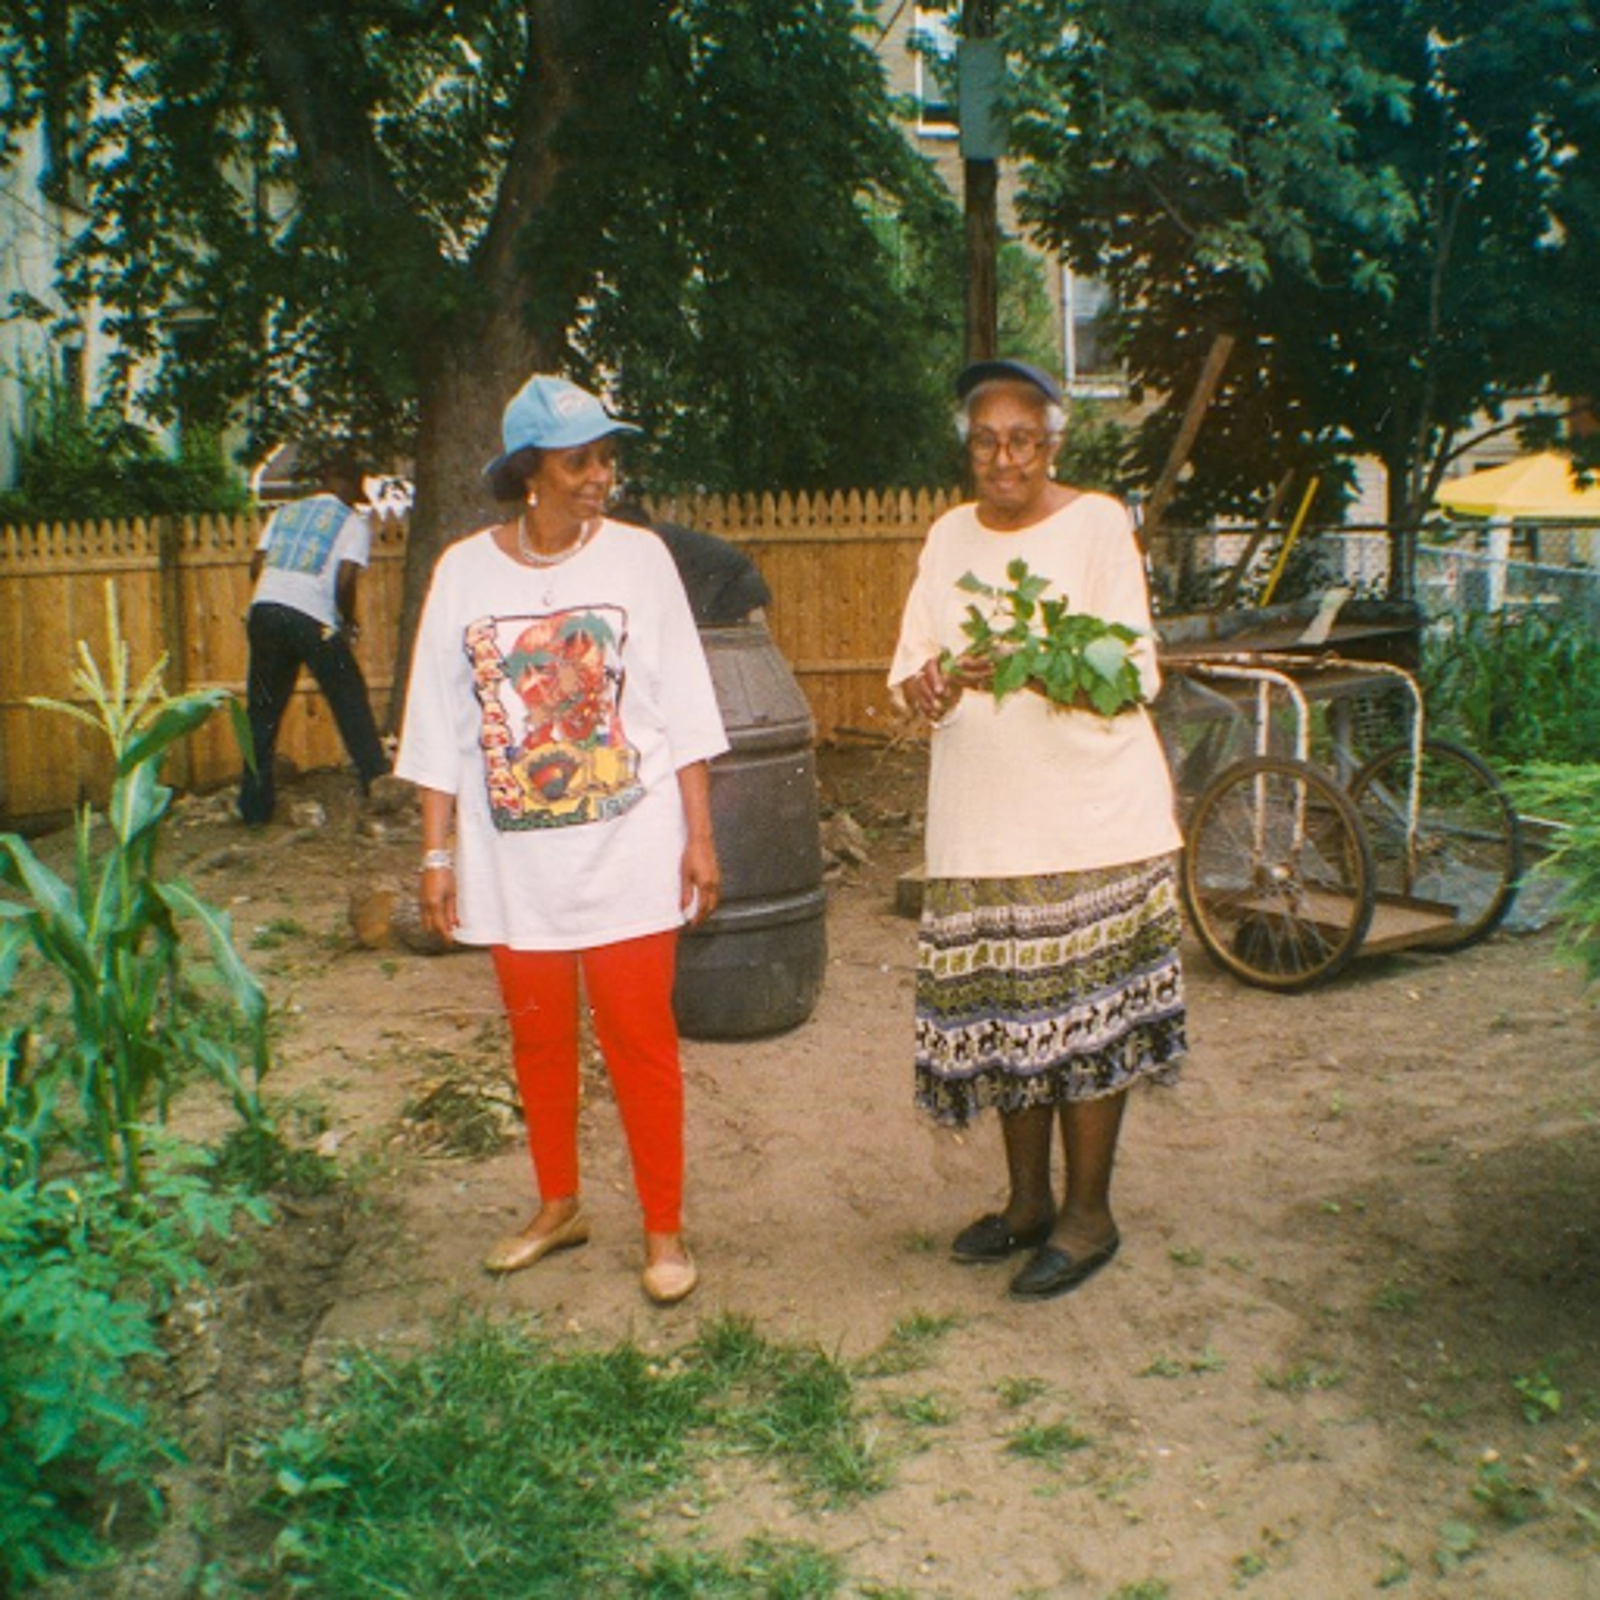 Two older Black women in a community garden.